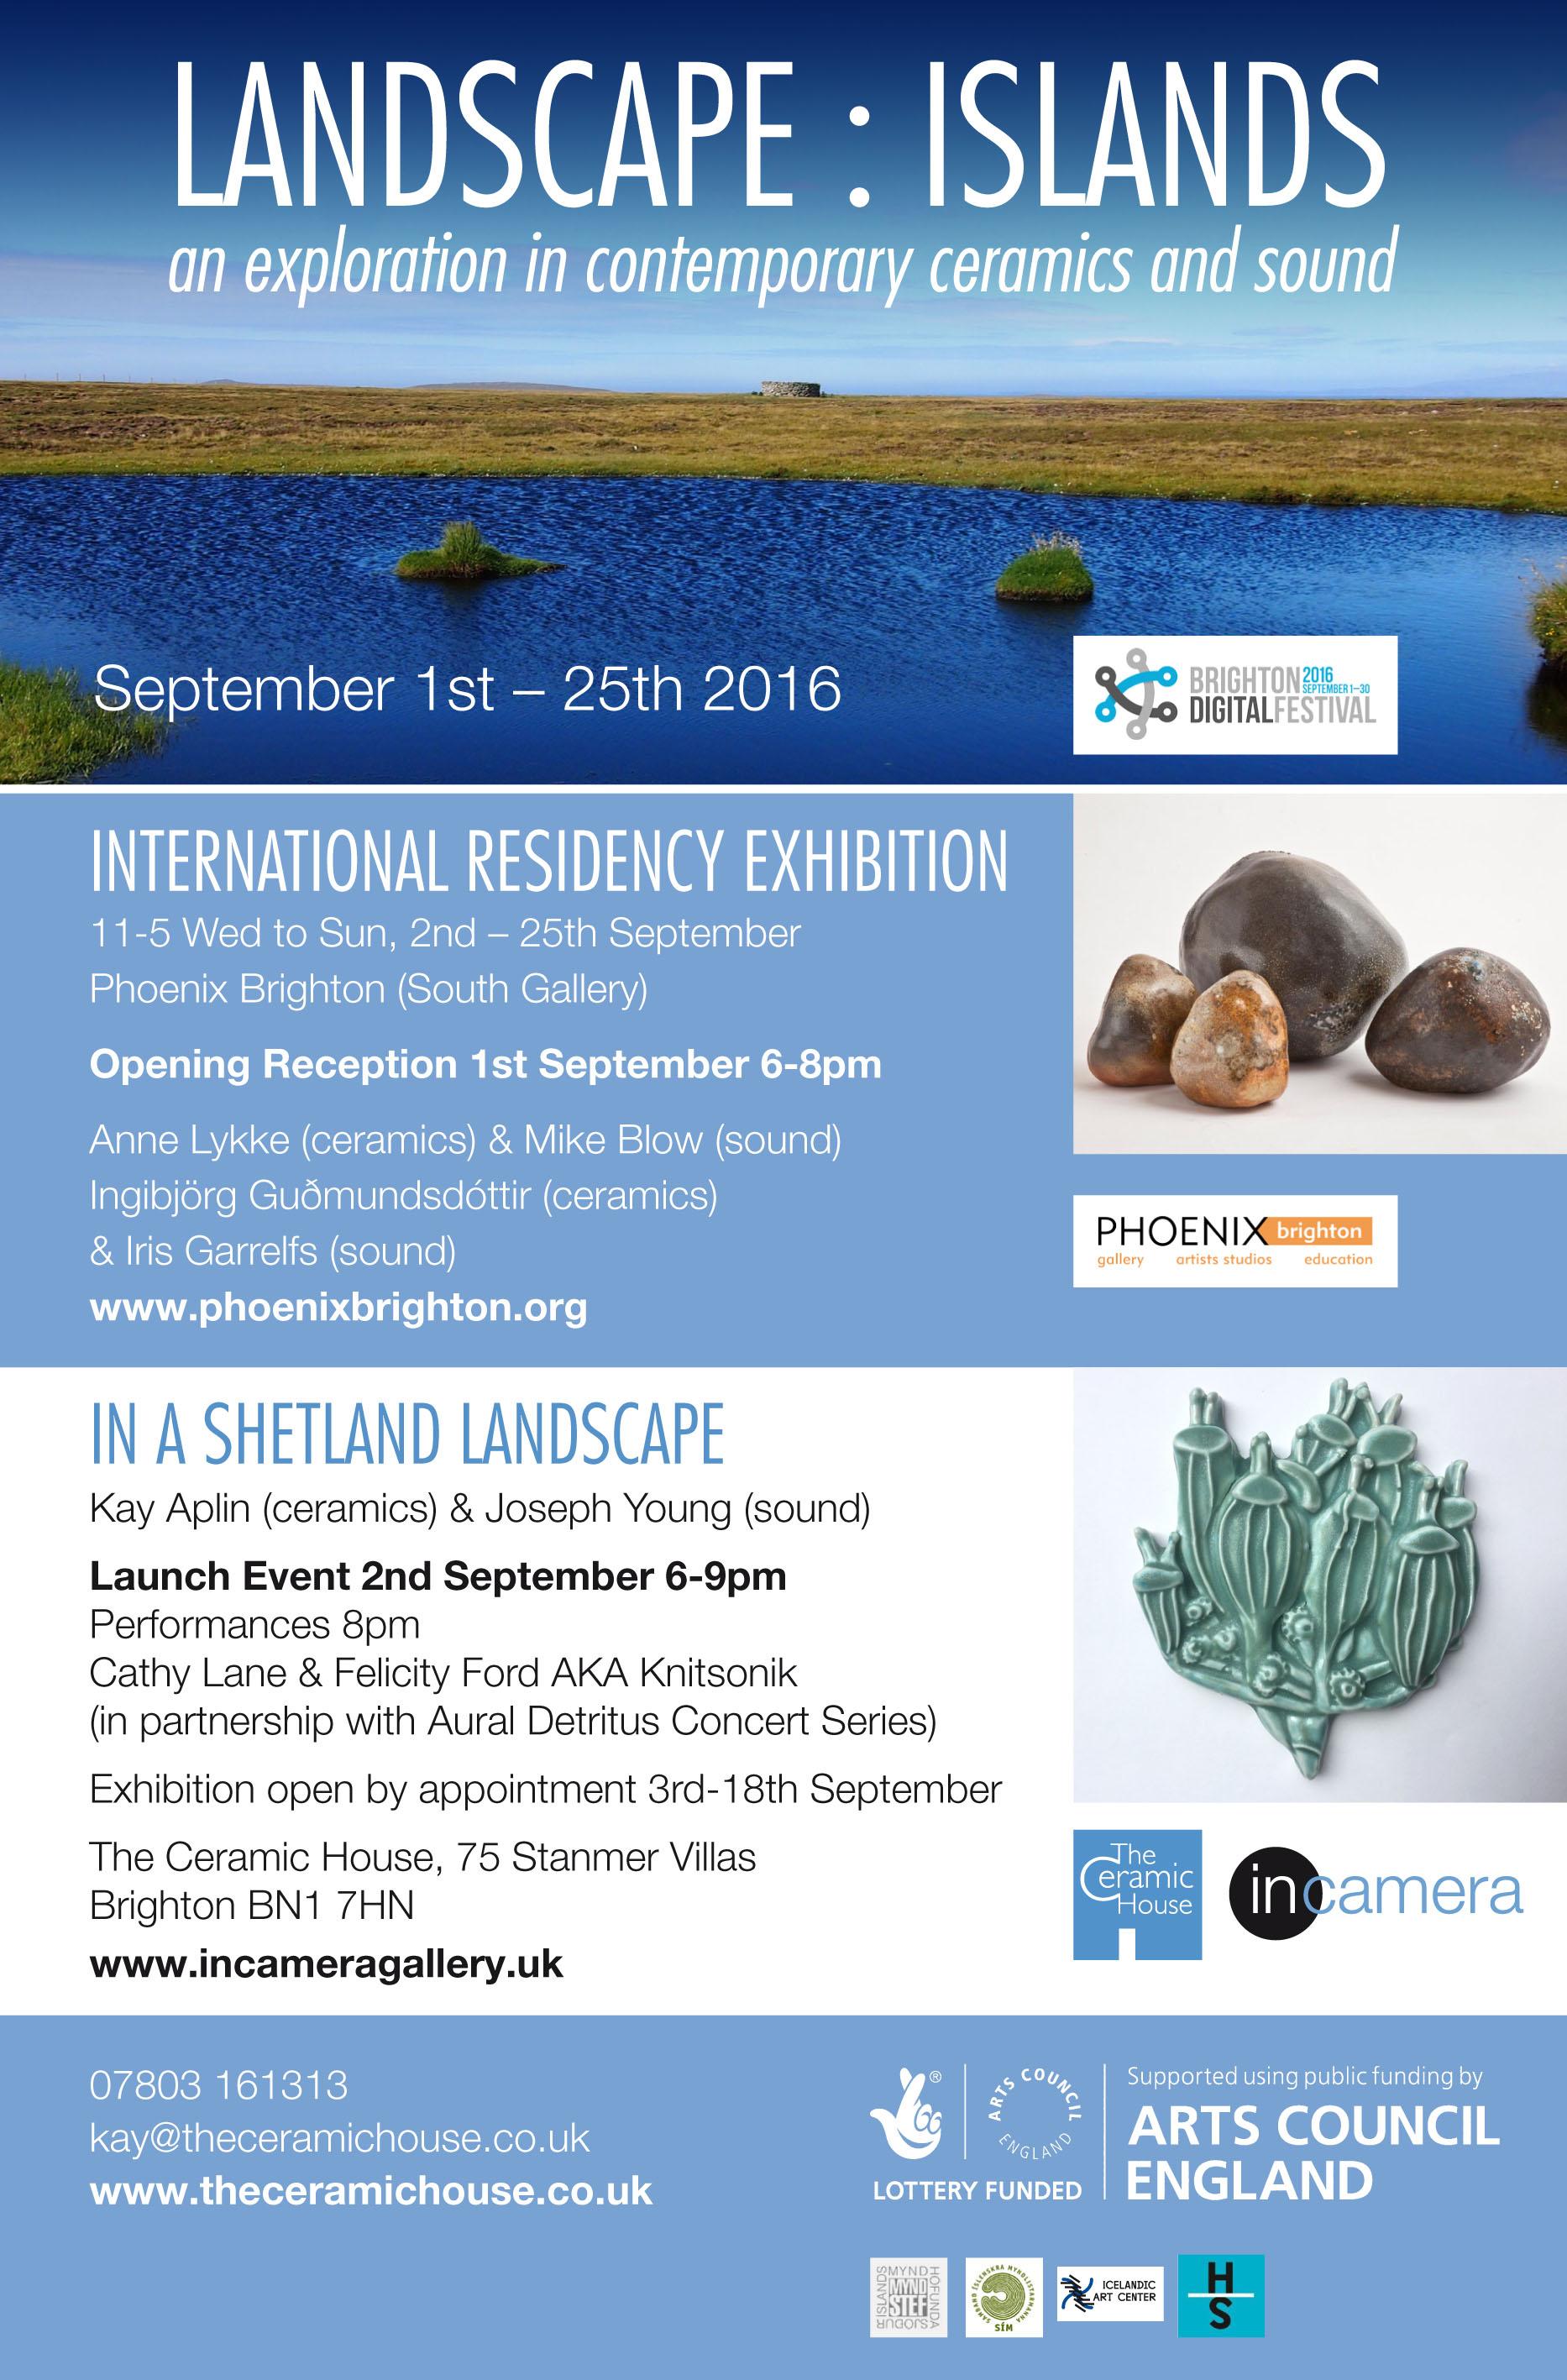 PV Landscape Islands September Email